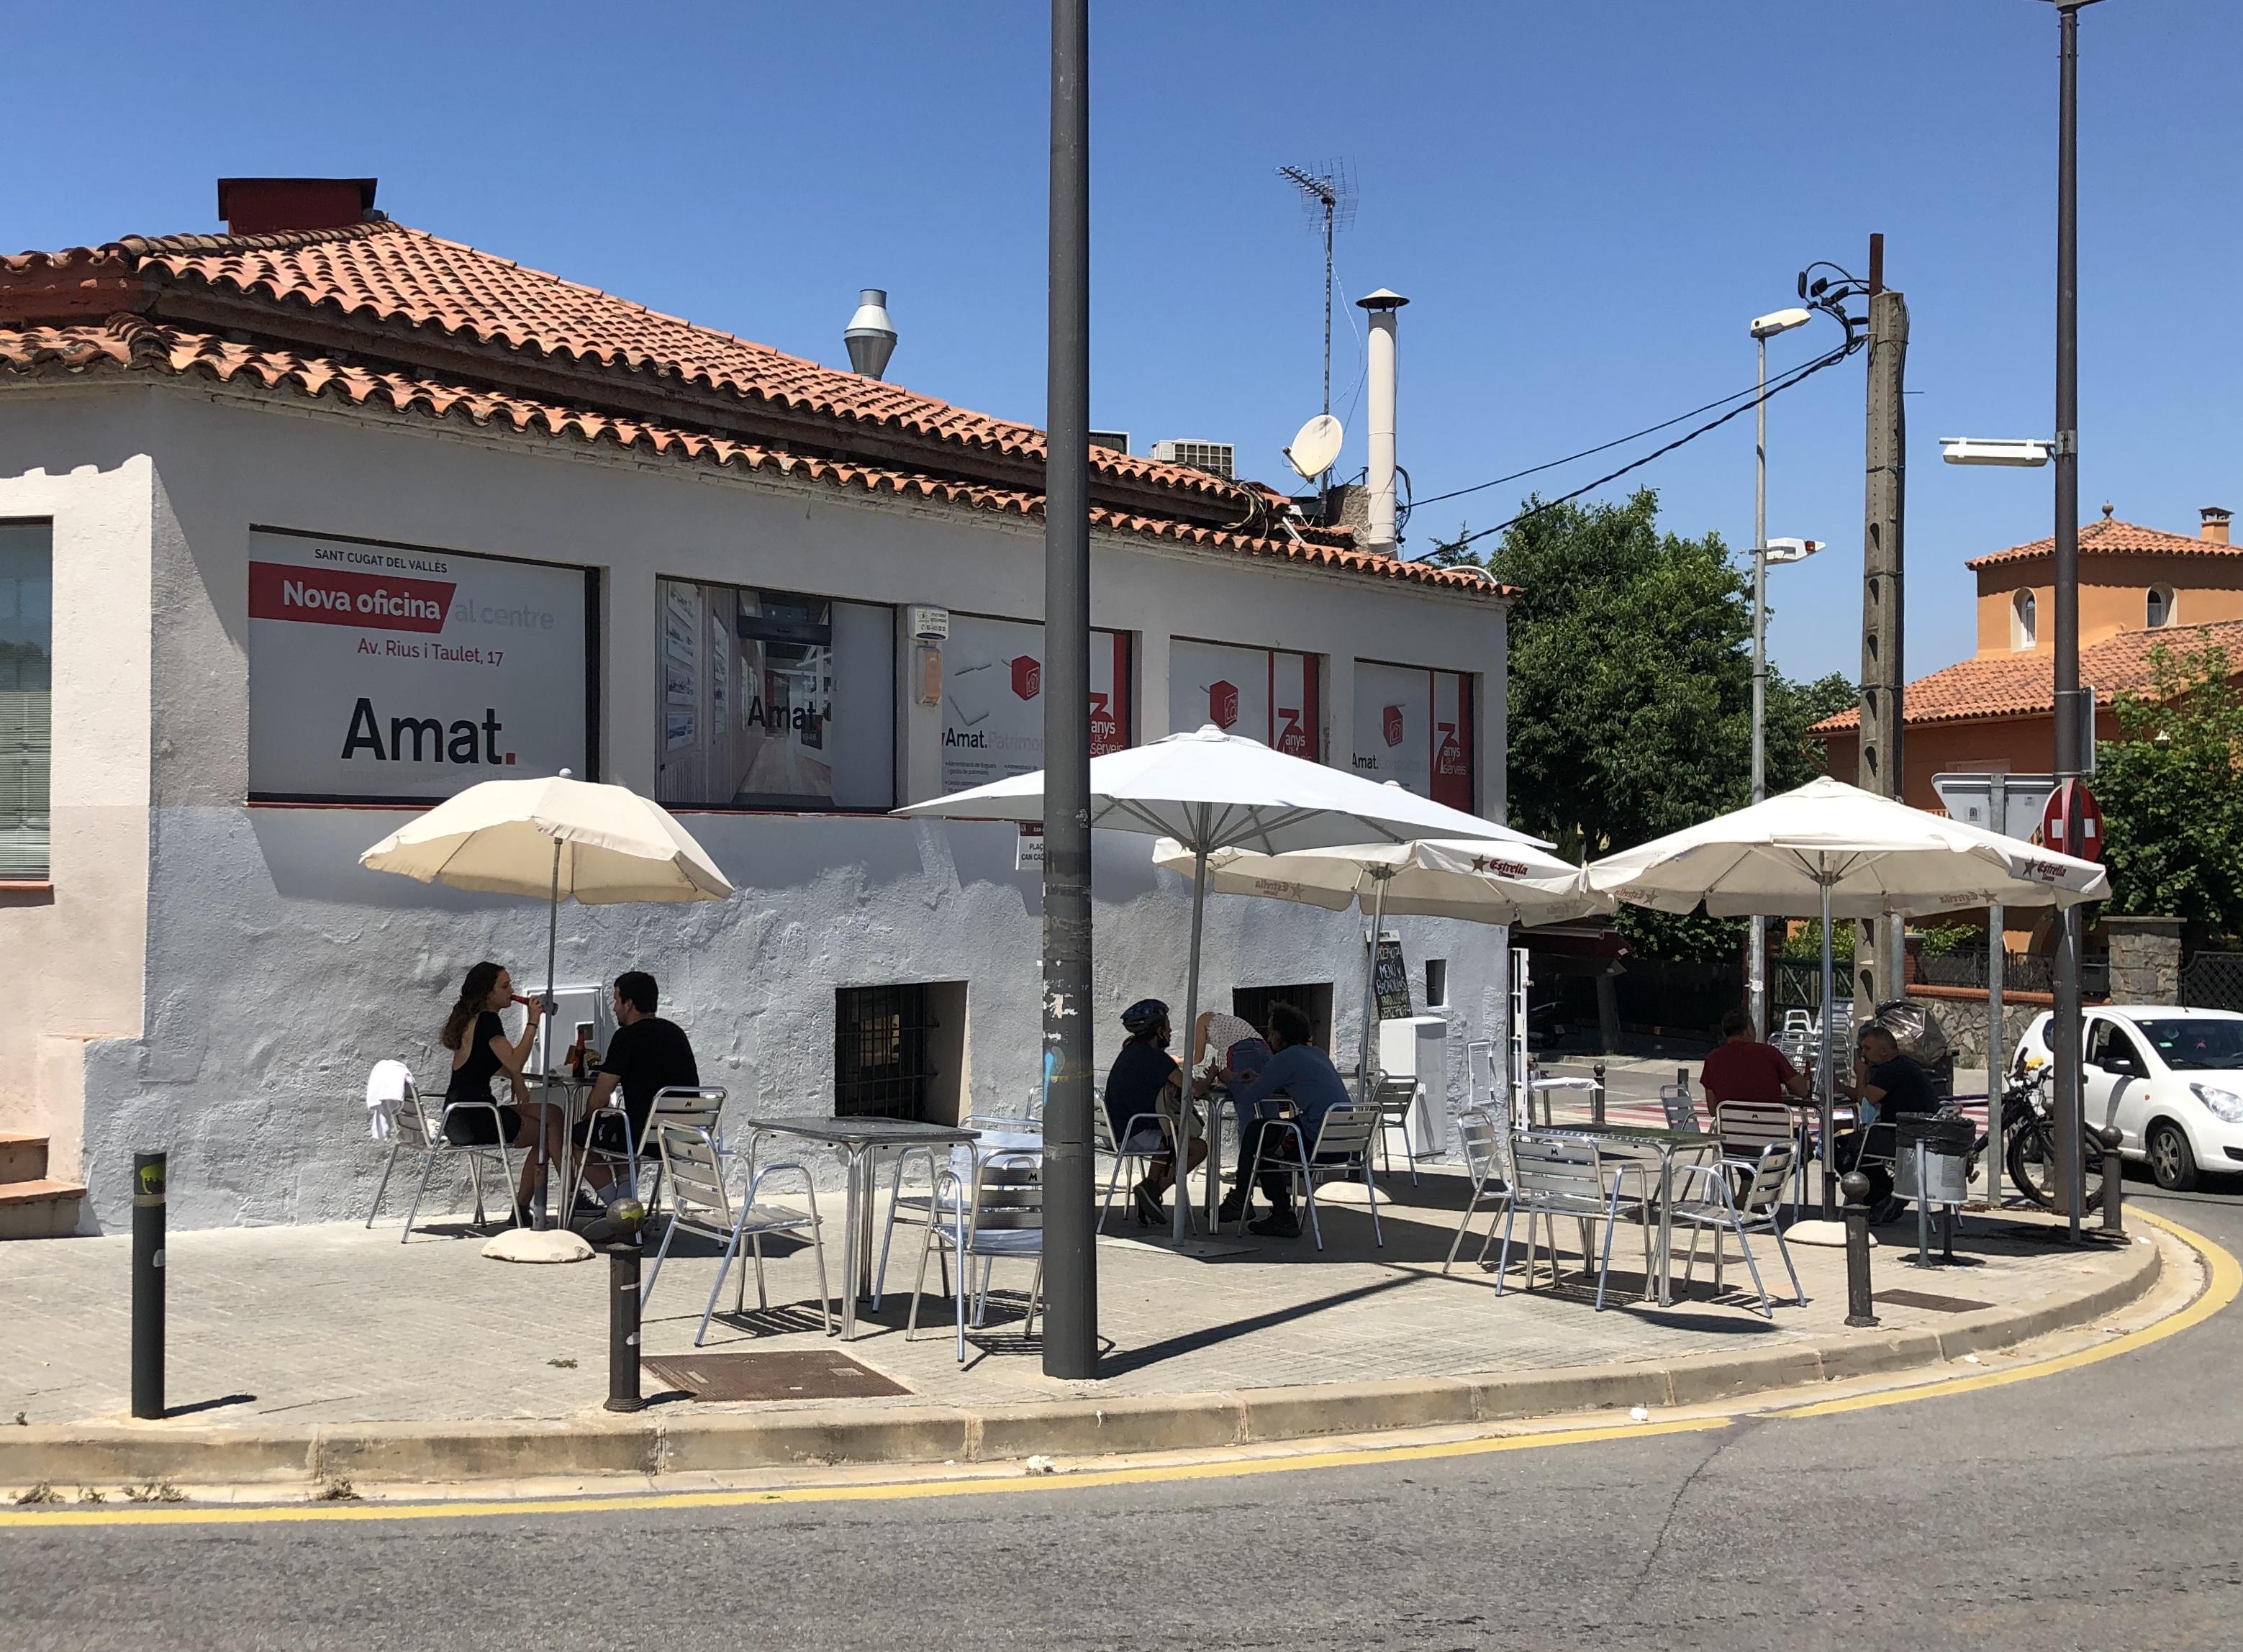 Bars i restaurants tancats al públic i restriccions d'aforament a comerços i Mercadet, principals mesures per contenir els rebrots de Covid-19 a Valldoreix